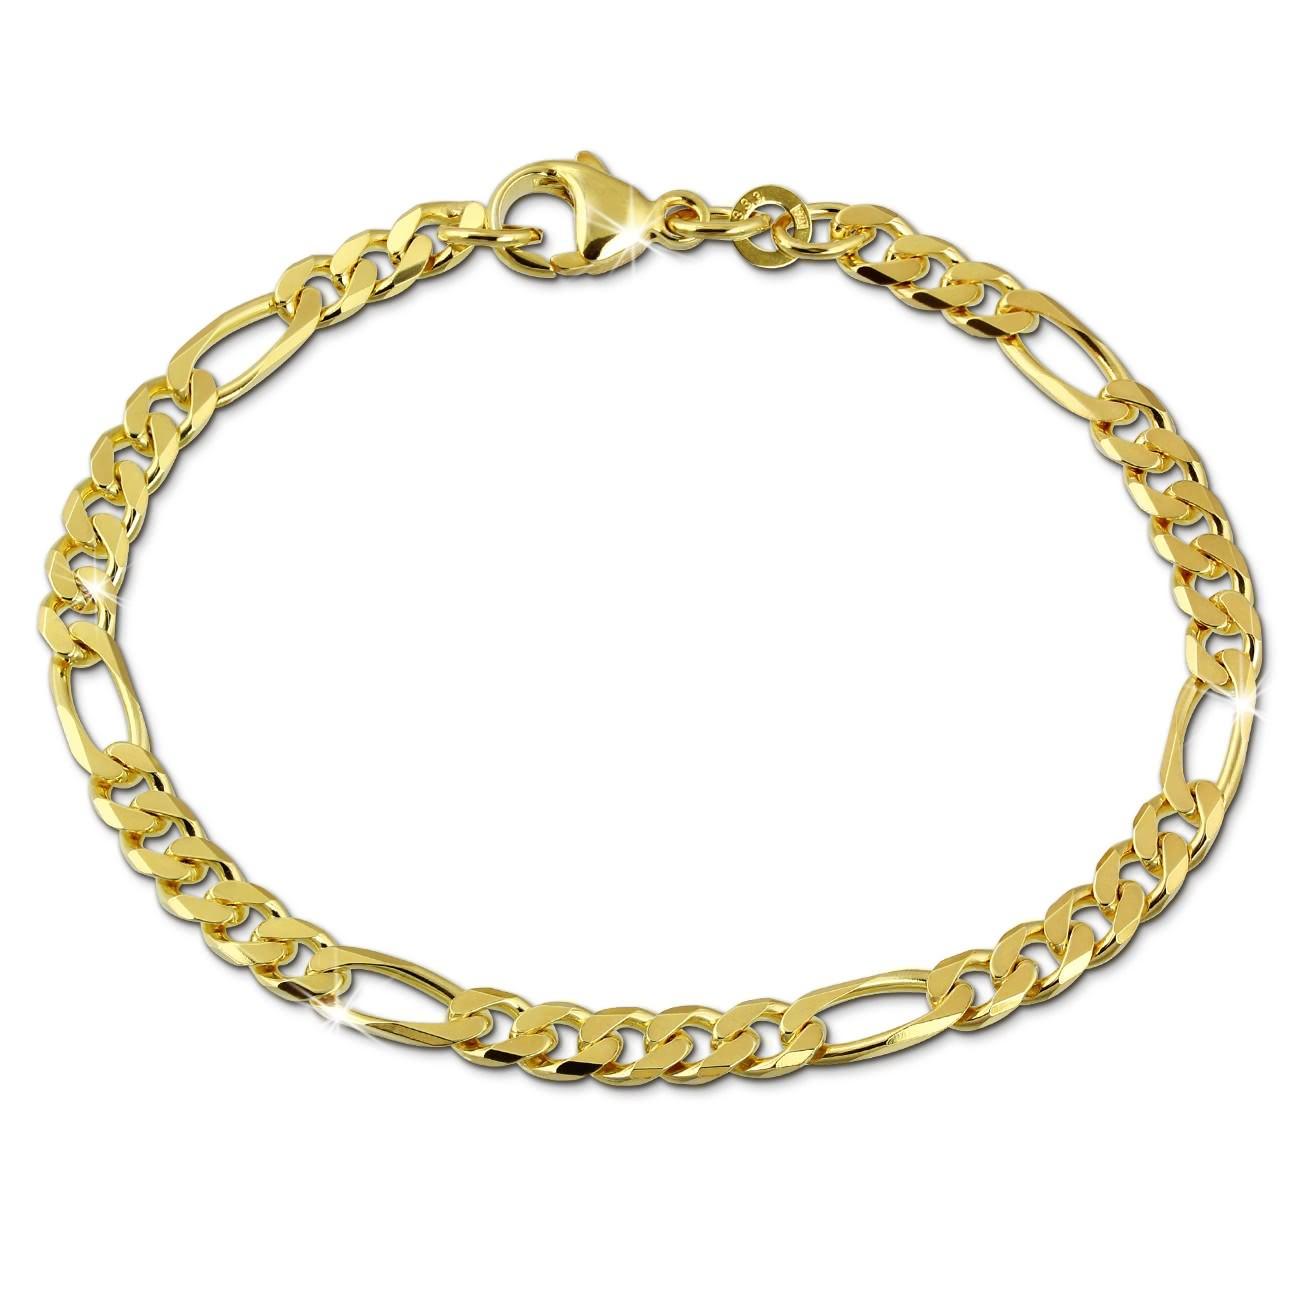 SilberDream Armband Figaro diamantiert 333 Gelbgold Damen 18,7cm GDA0479Y